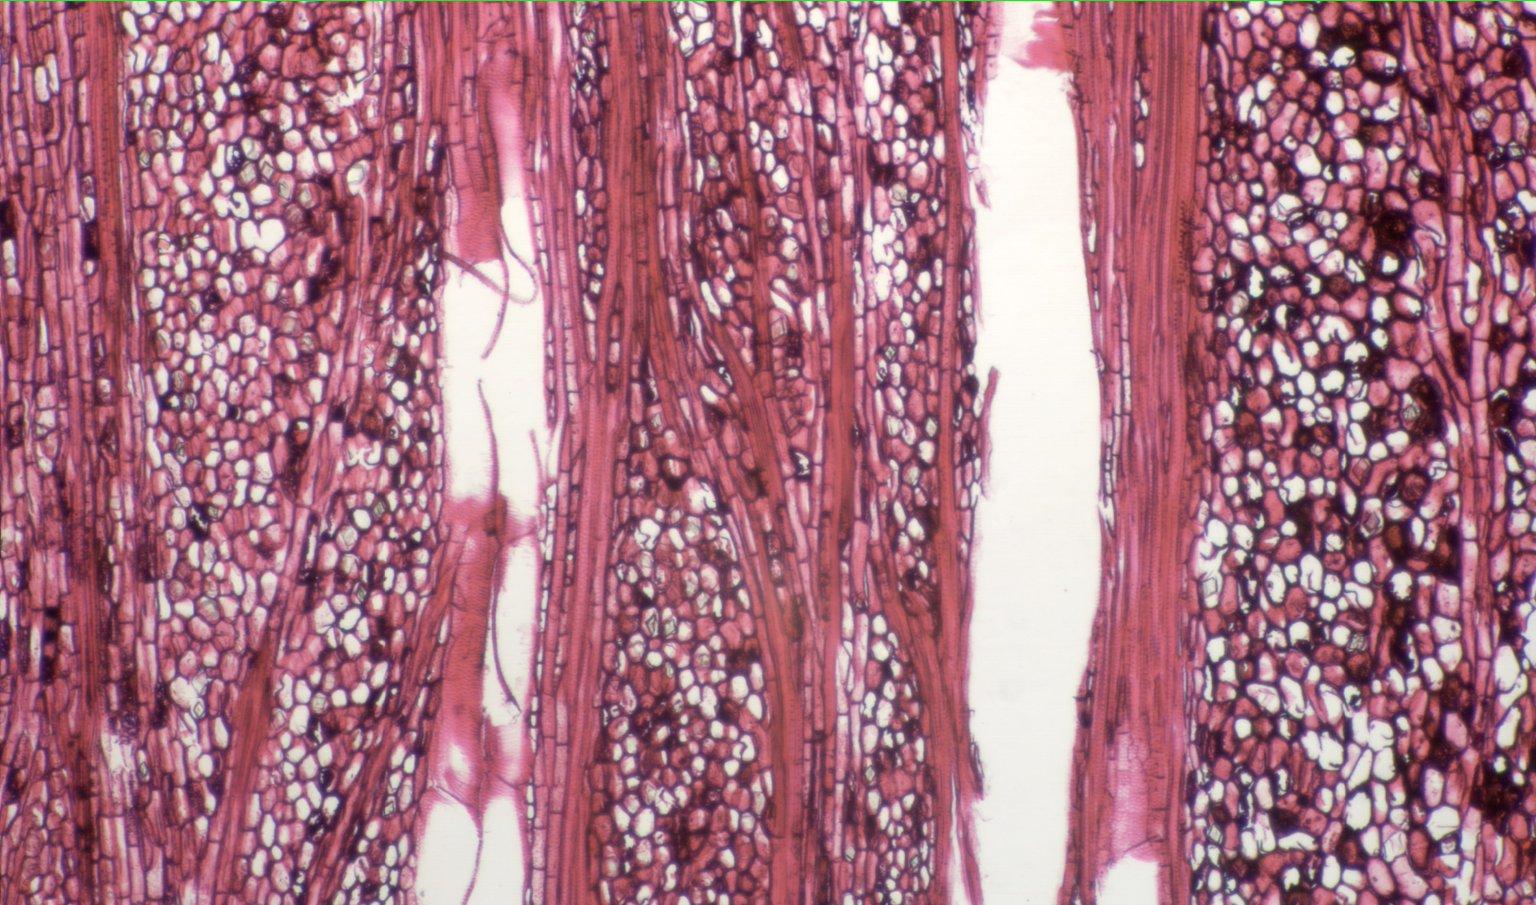 PASSIFLORACEAE Passiflora securiclata